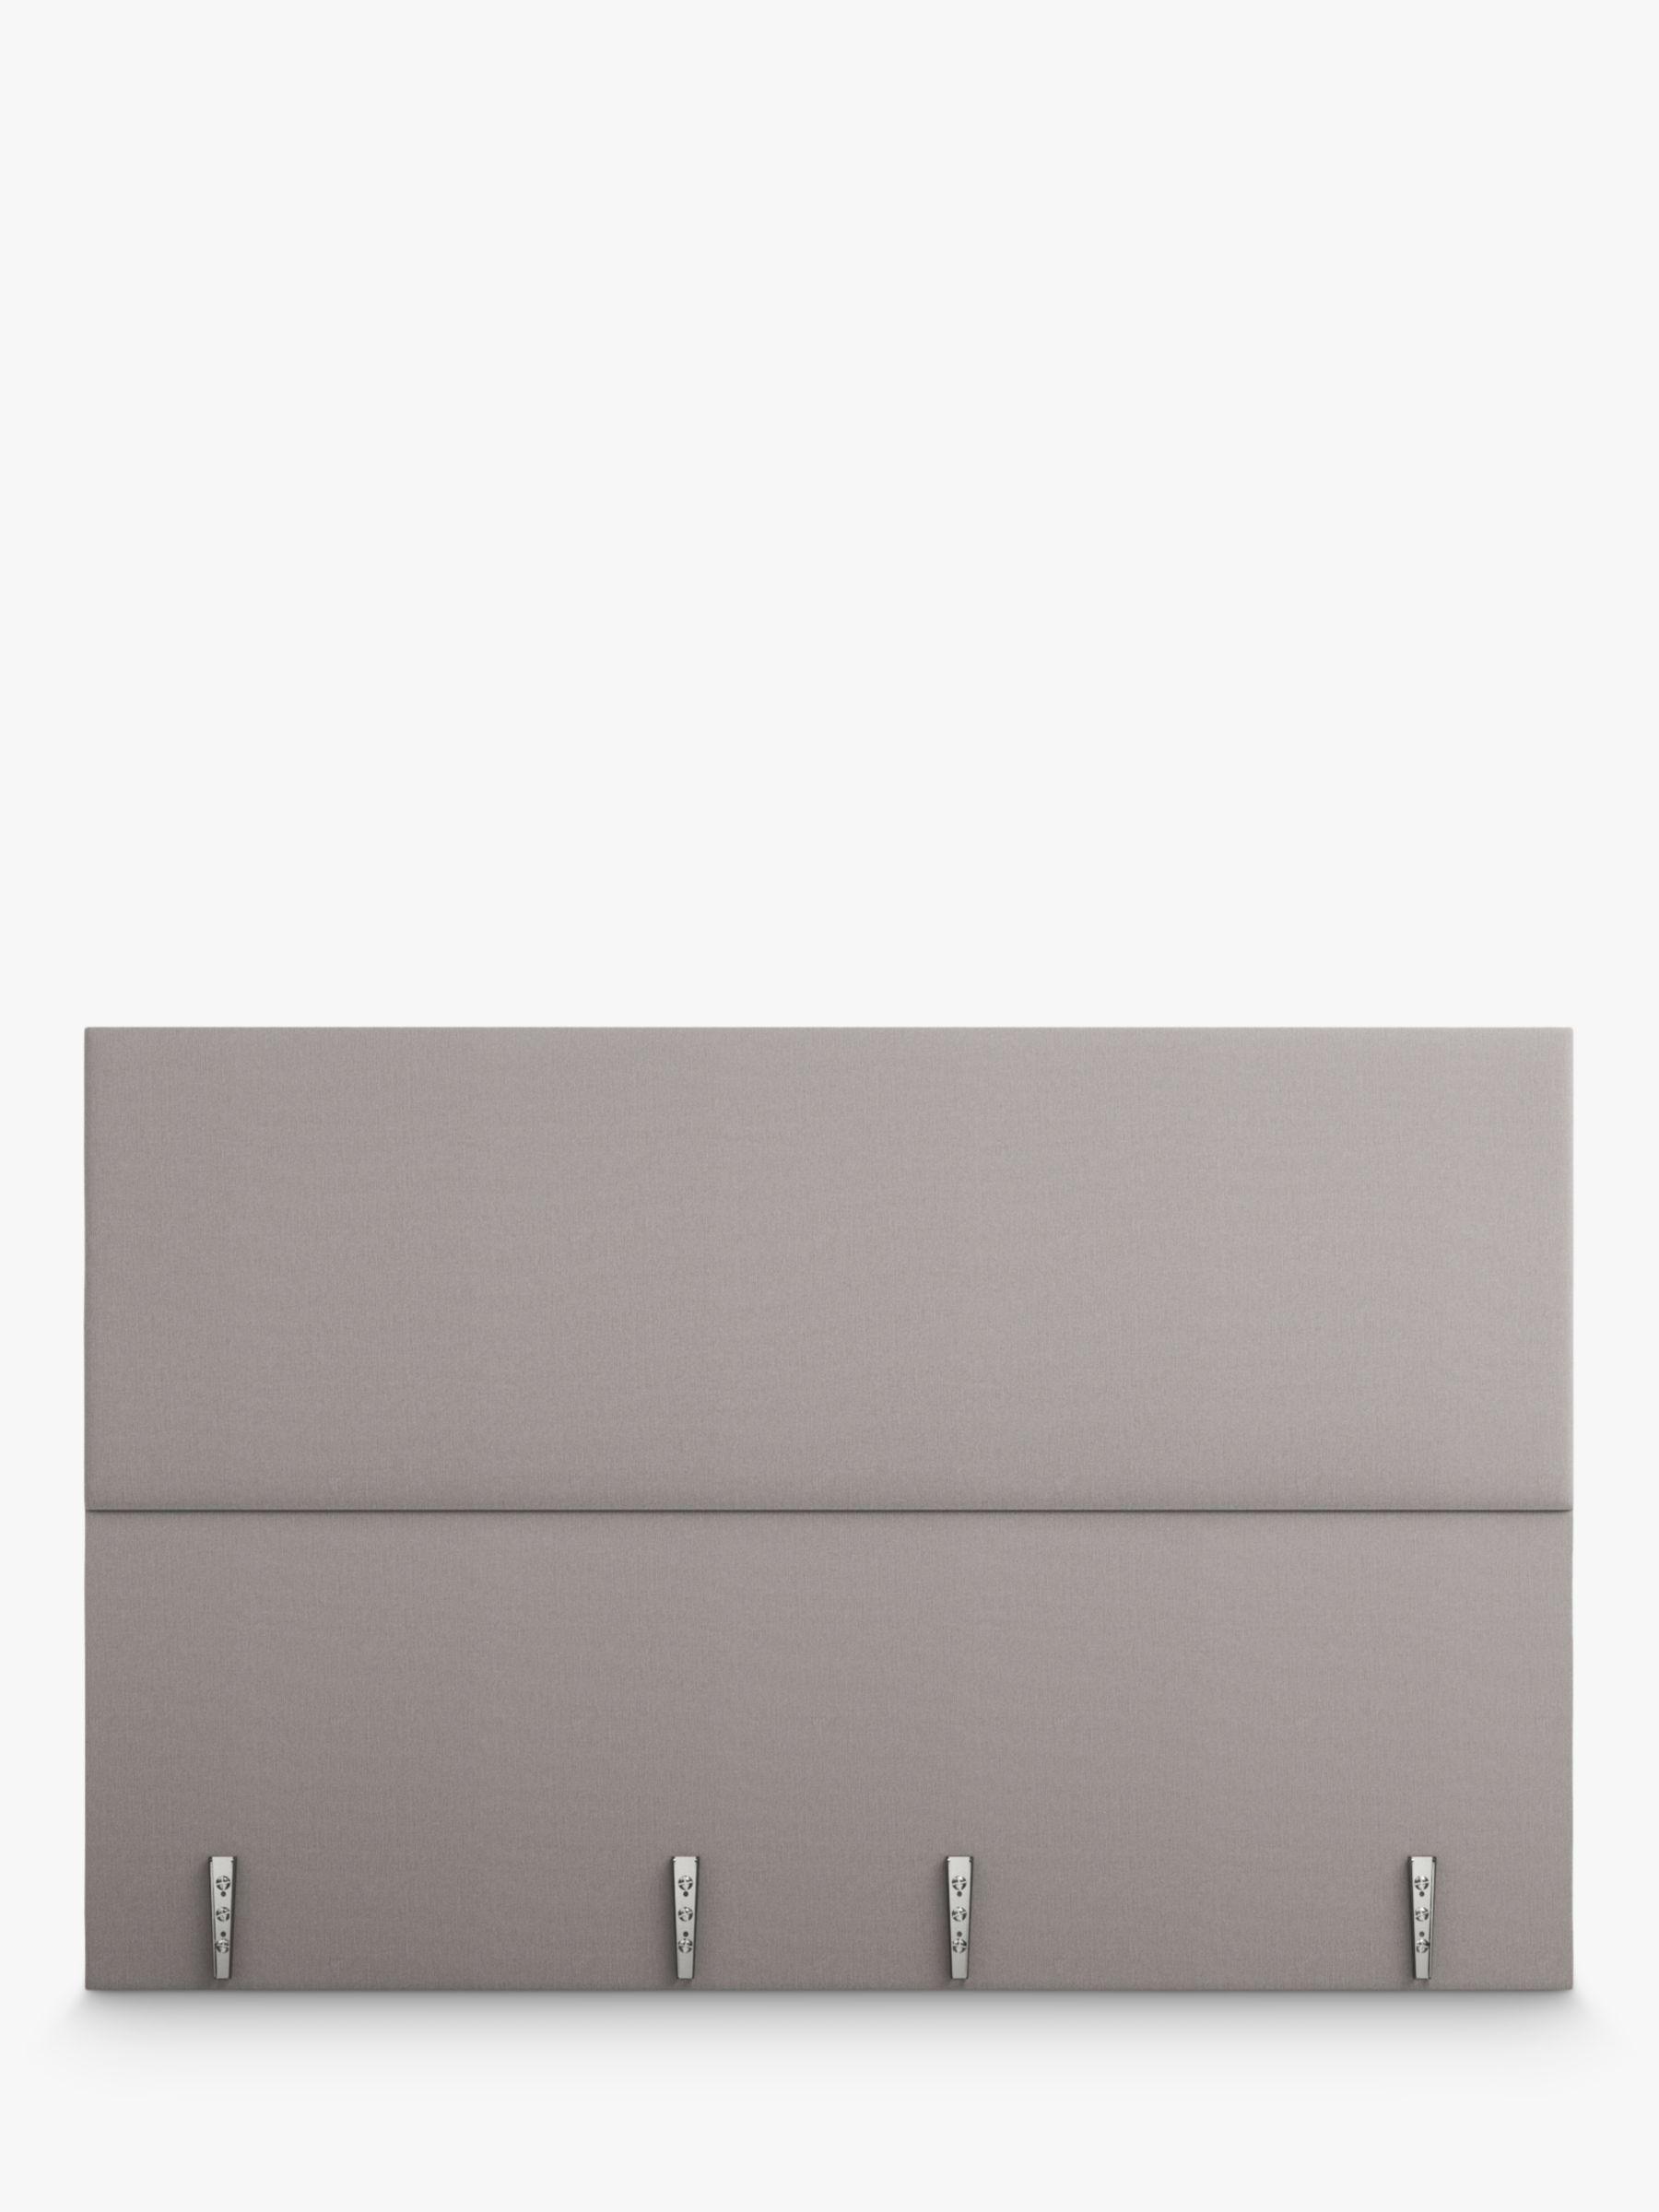 Vispring Hebe Full Depth Upholstered Headboard, Super King Size, FSC-Certified (Chipboard)